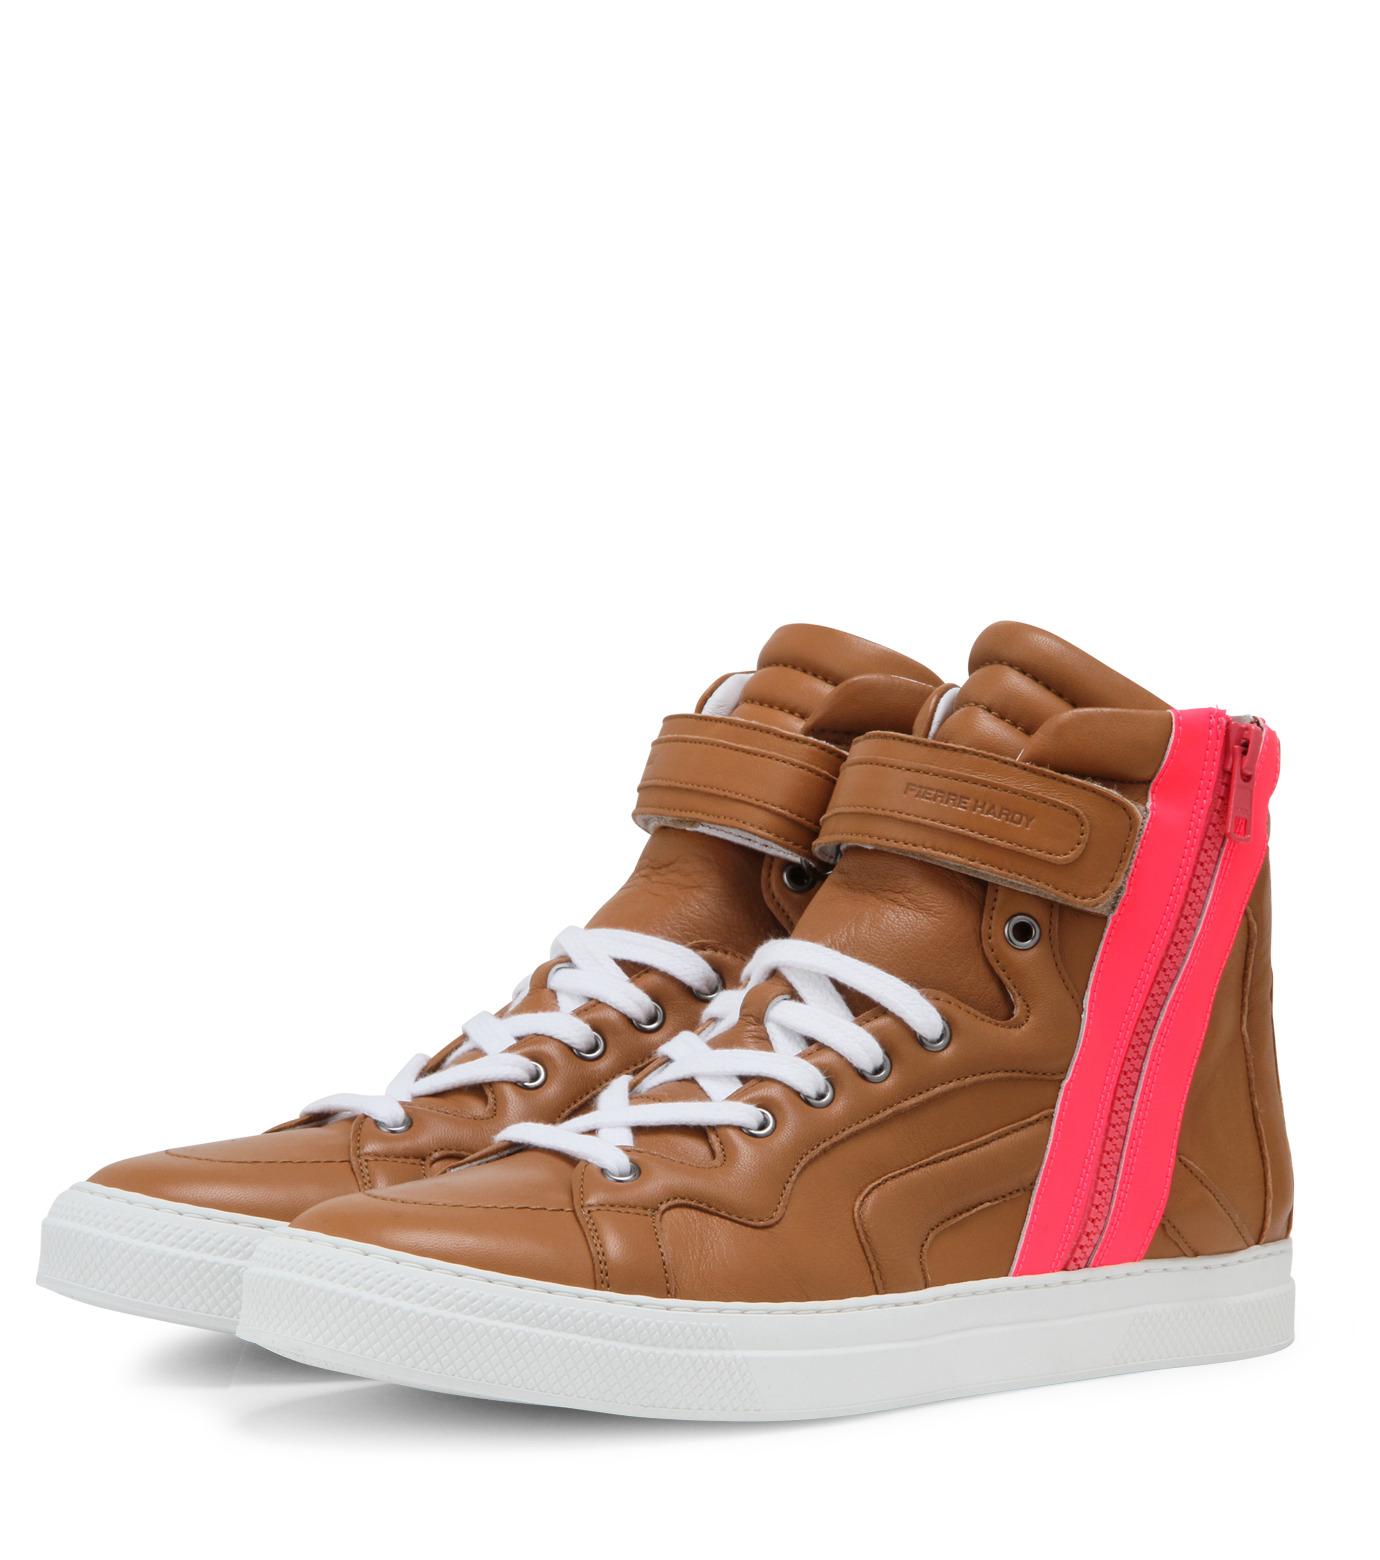 Pierre Hardy(ピエール アルディ)のSide zip sneaker-LIGHT BROWN-S3112NAPGUMC-41 拡大詳細画像4